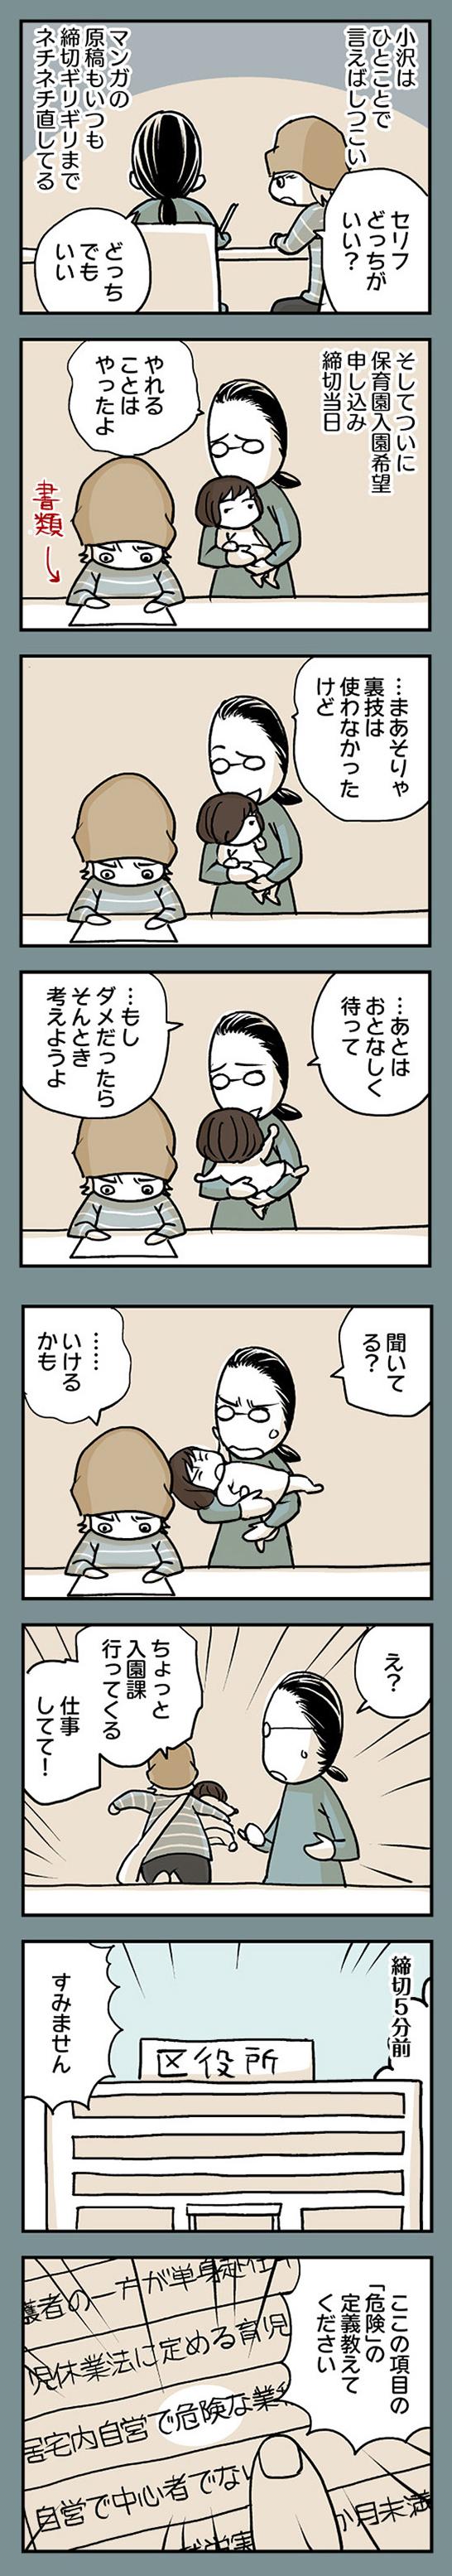 reニブンノイクジ_33